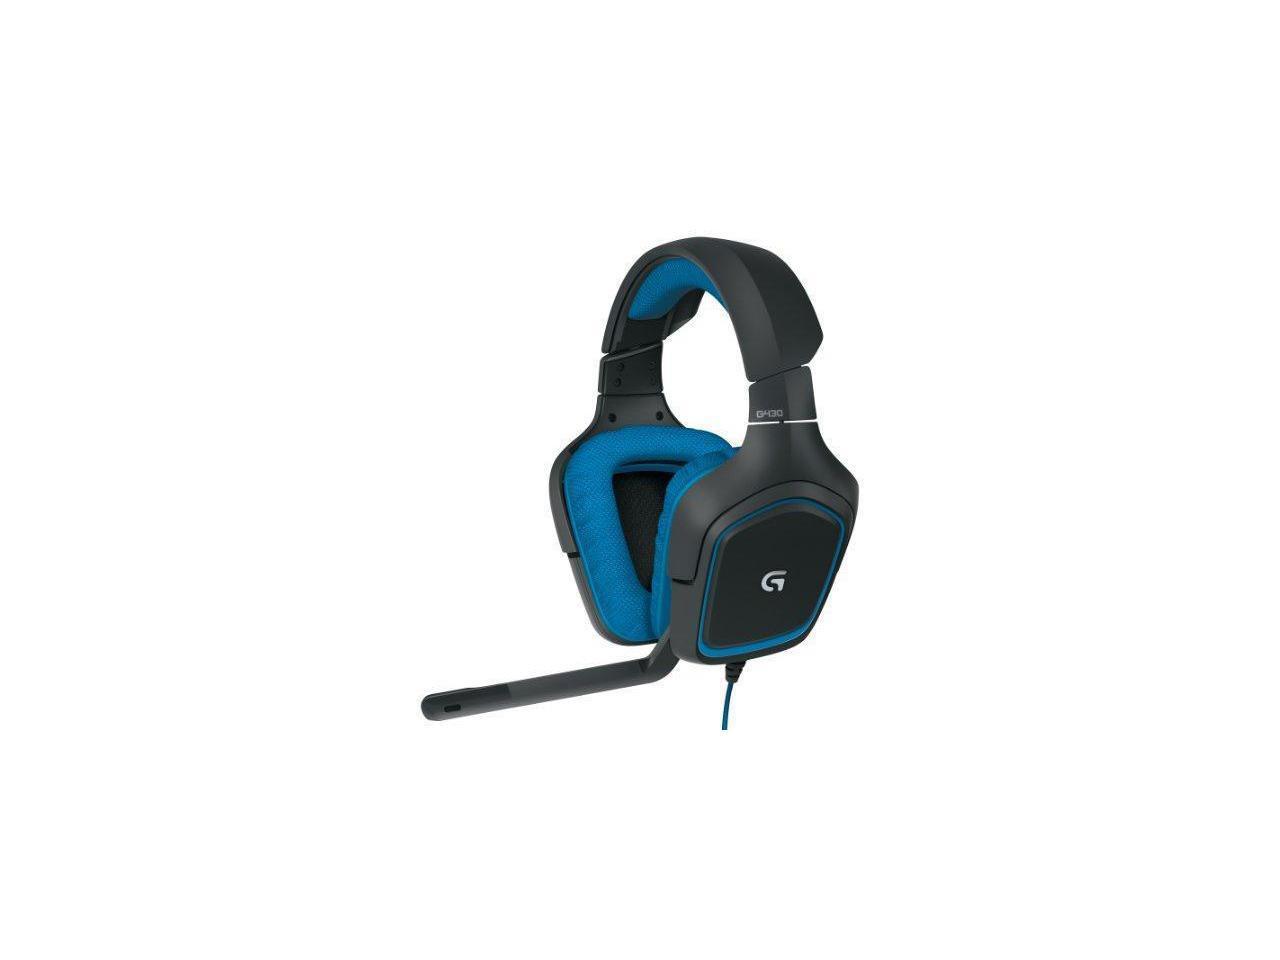 afb646ed8f8 Logitech G430 7.1 DTS Headphones - PC Station Inc.